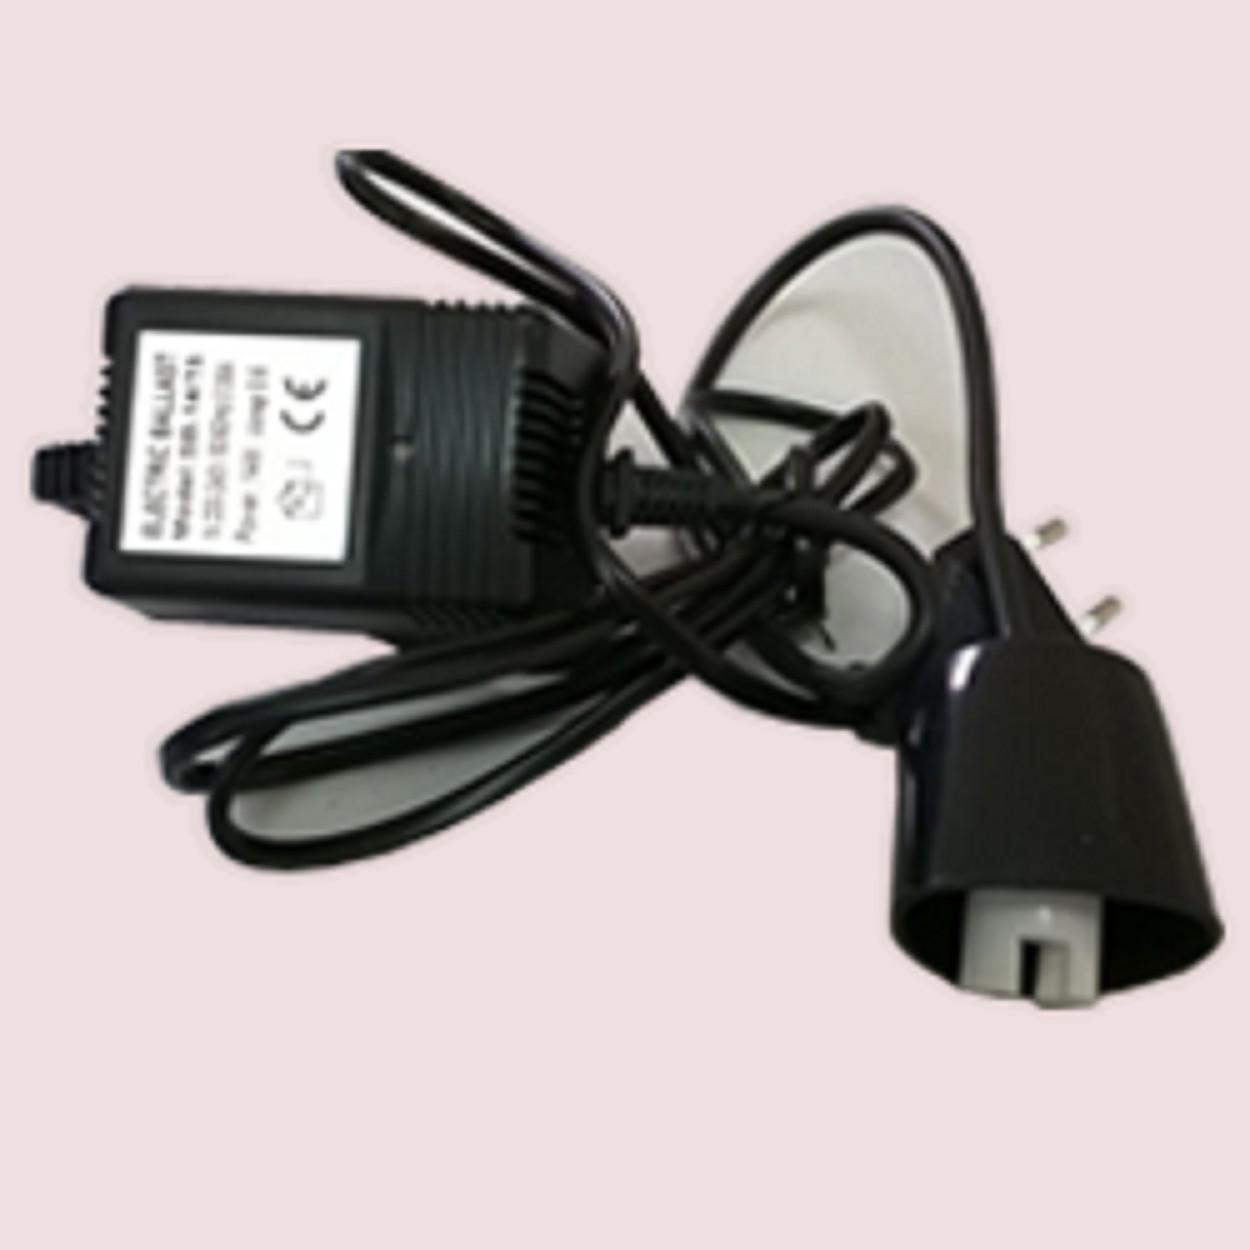 Adaptor 14w-Hàng chính hãng